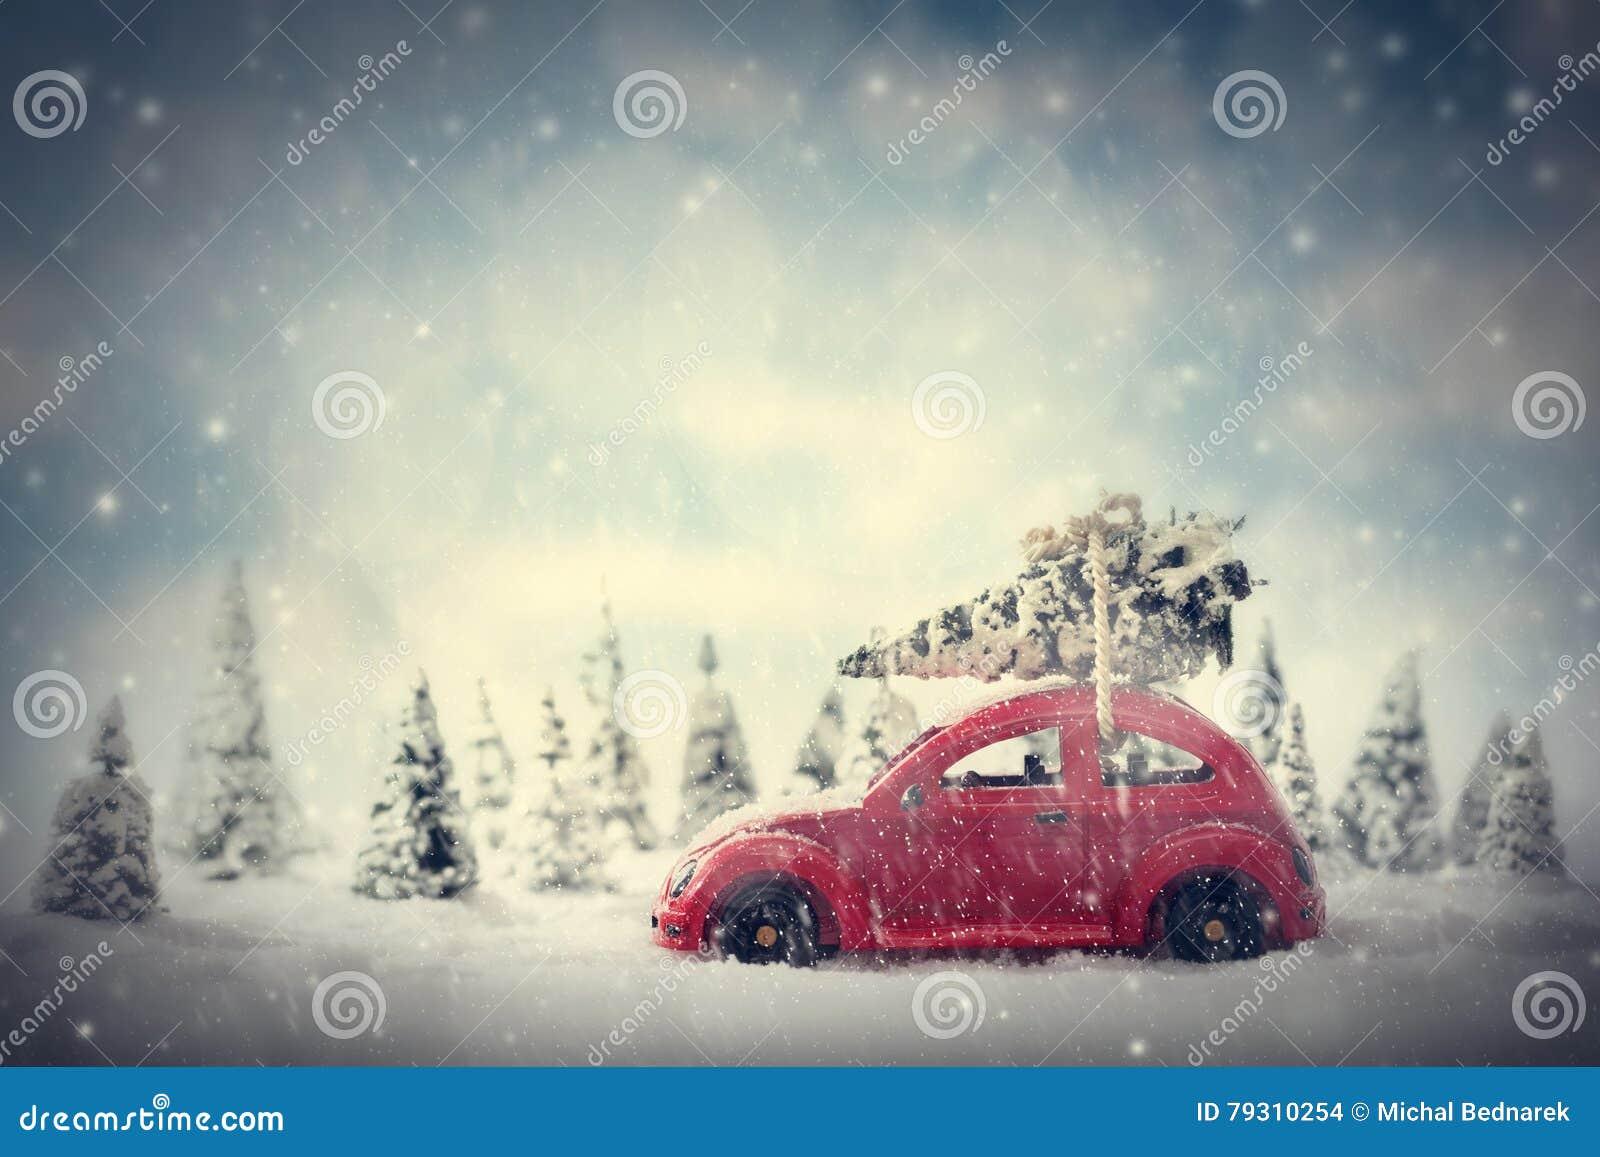 Retro stuk speelgoed auto die uiterst kleine Kerstboom dragen Fairytalelandschap met sneeuw en bos